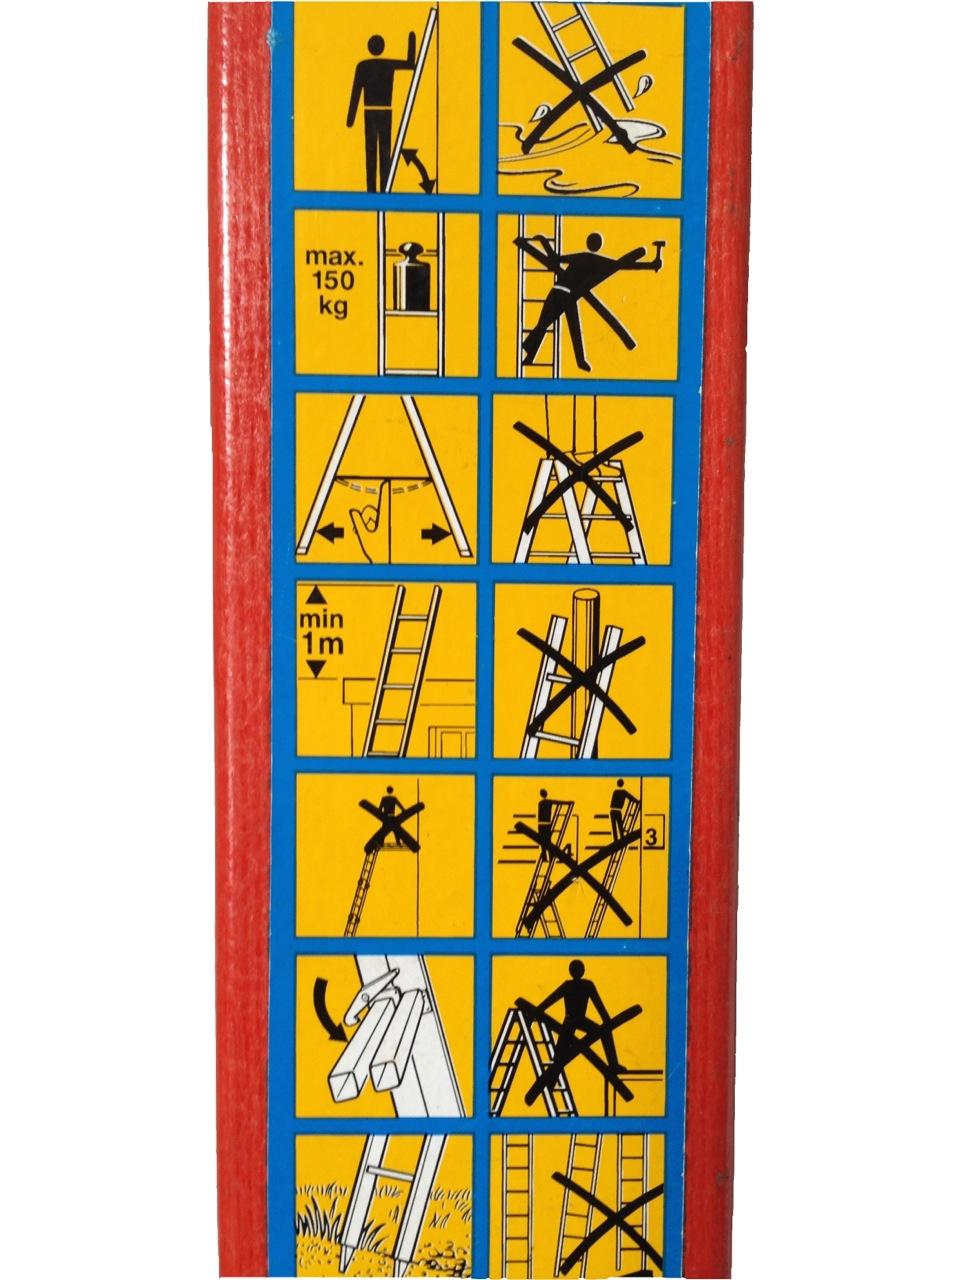 Leitern und Tritte Piktogramme